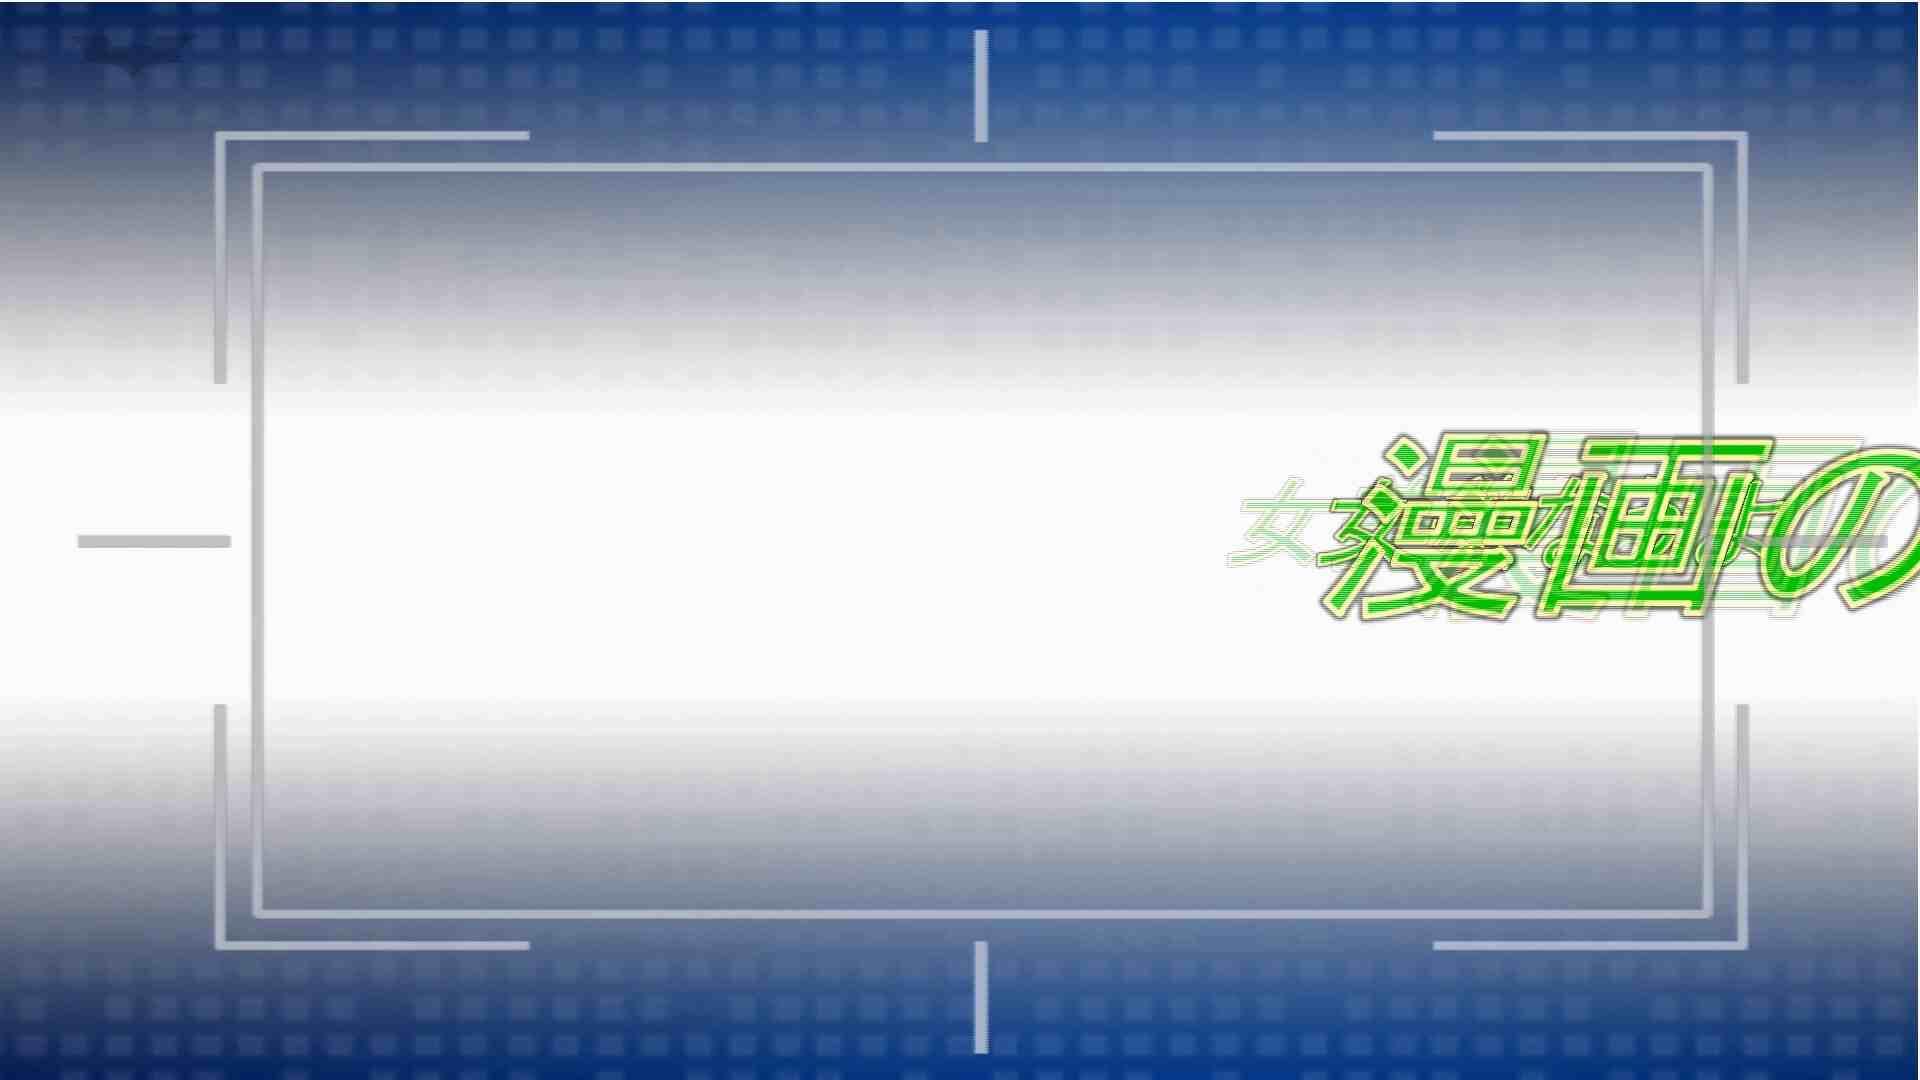 ステーション編 vol40 更に画質アップ!!無料動画のモデルつい登場3 高画質  80PIX 9